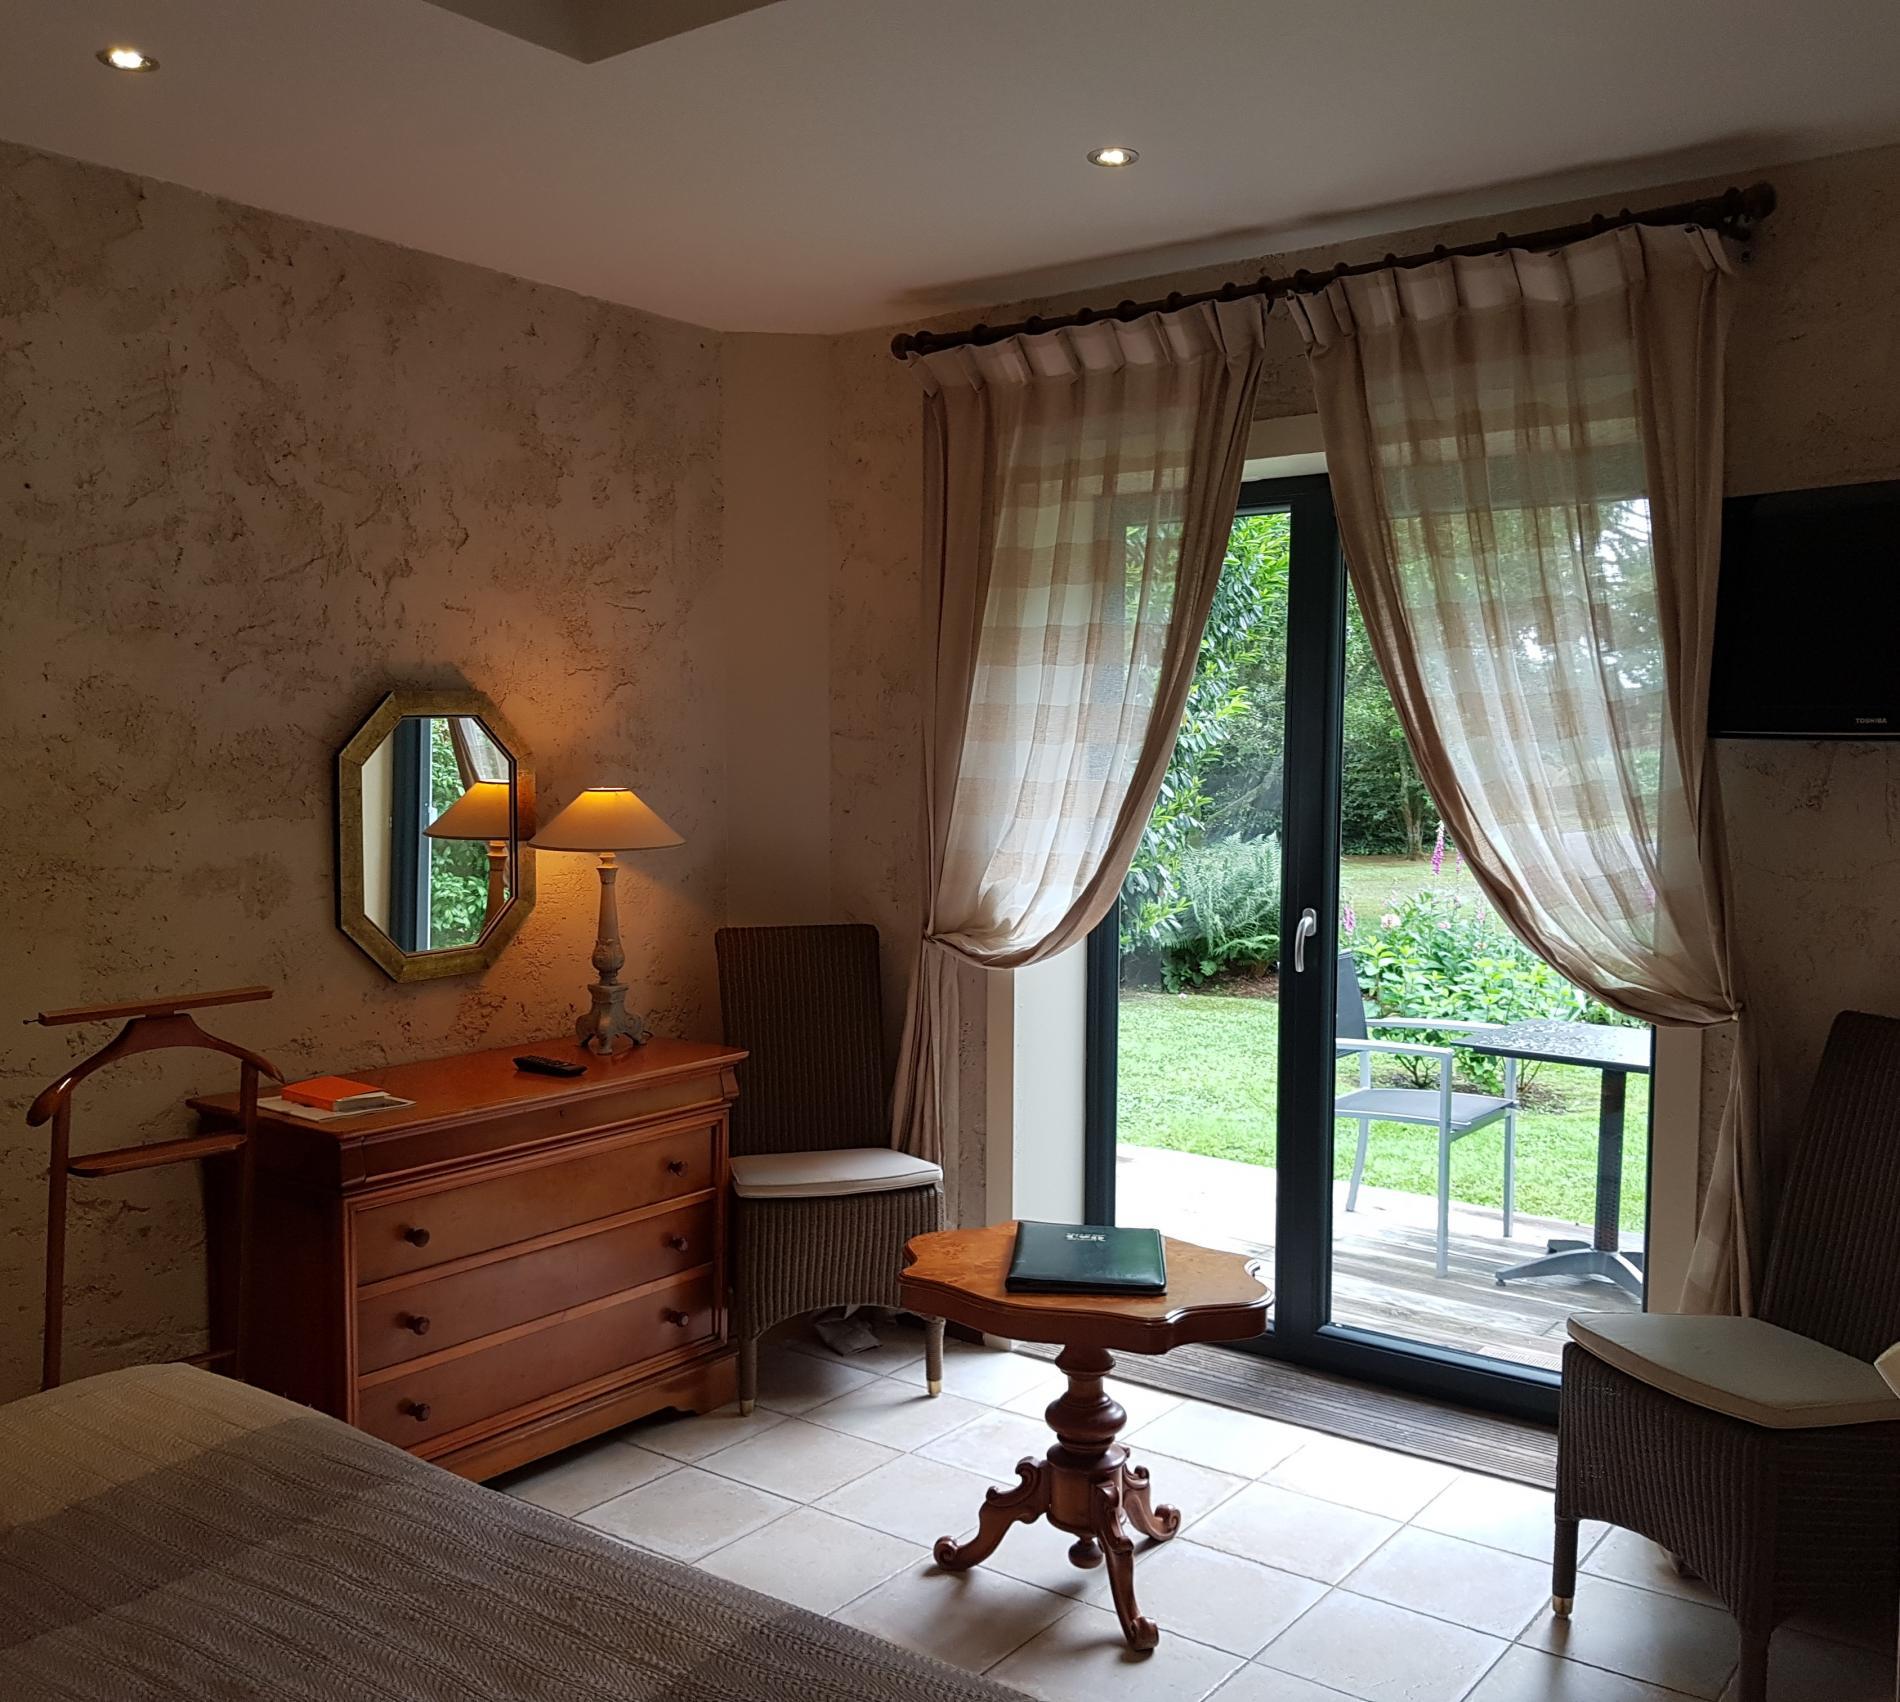 Chambres Confortable Pont-Audemer Proche Honfeur Chambre